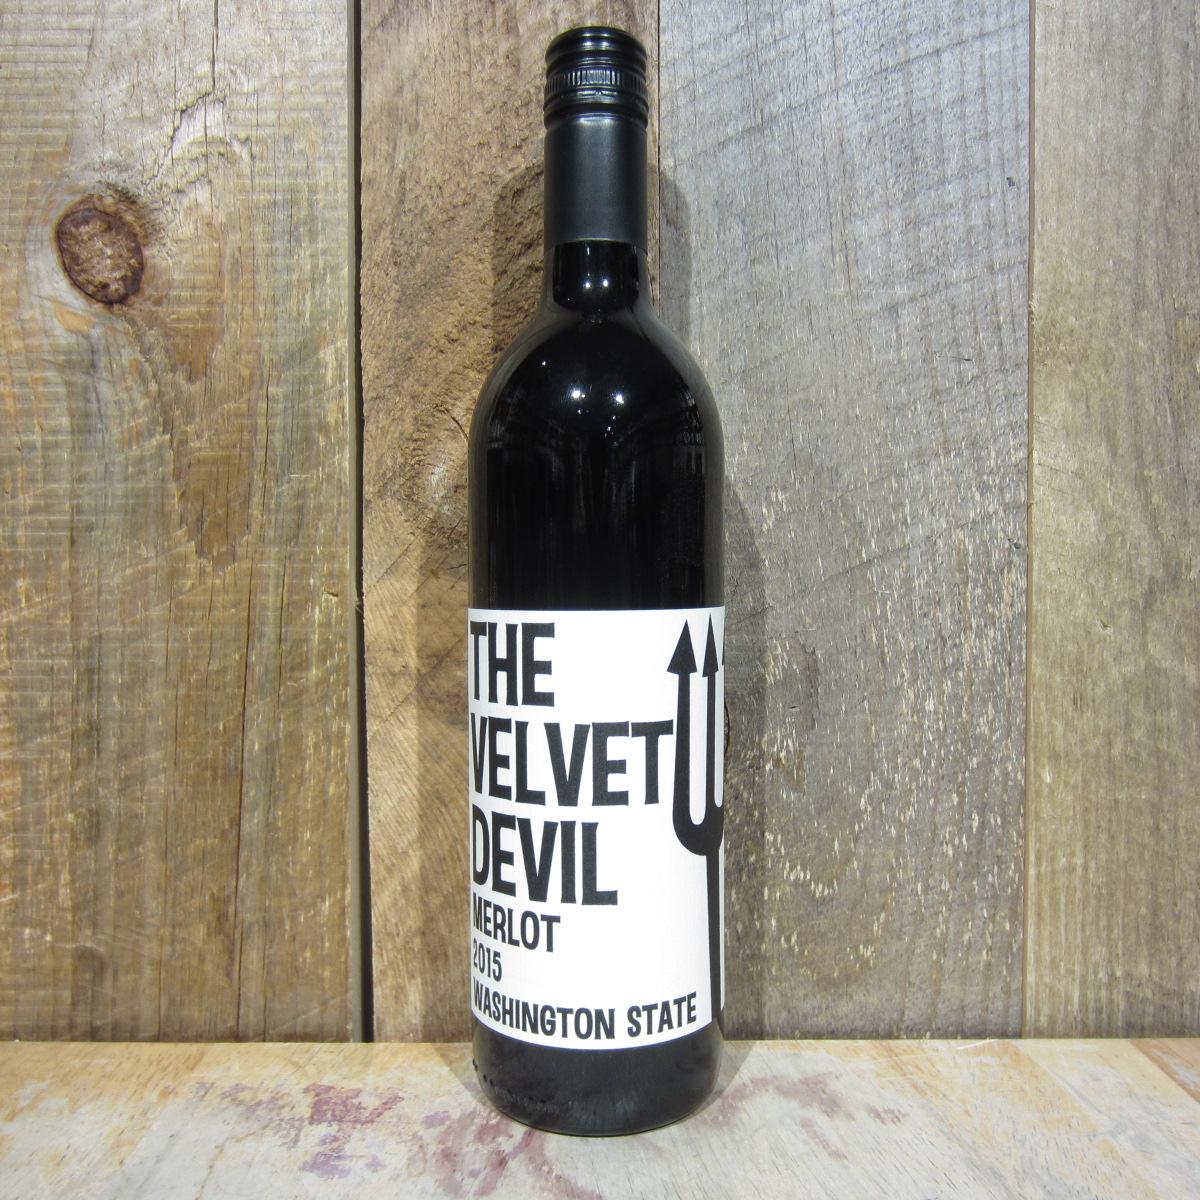 Charles Smith Velvet Devil Merlot 750ml